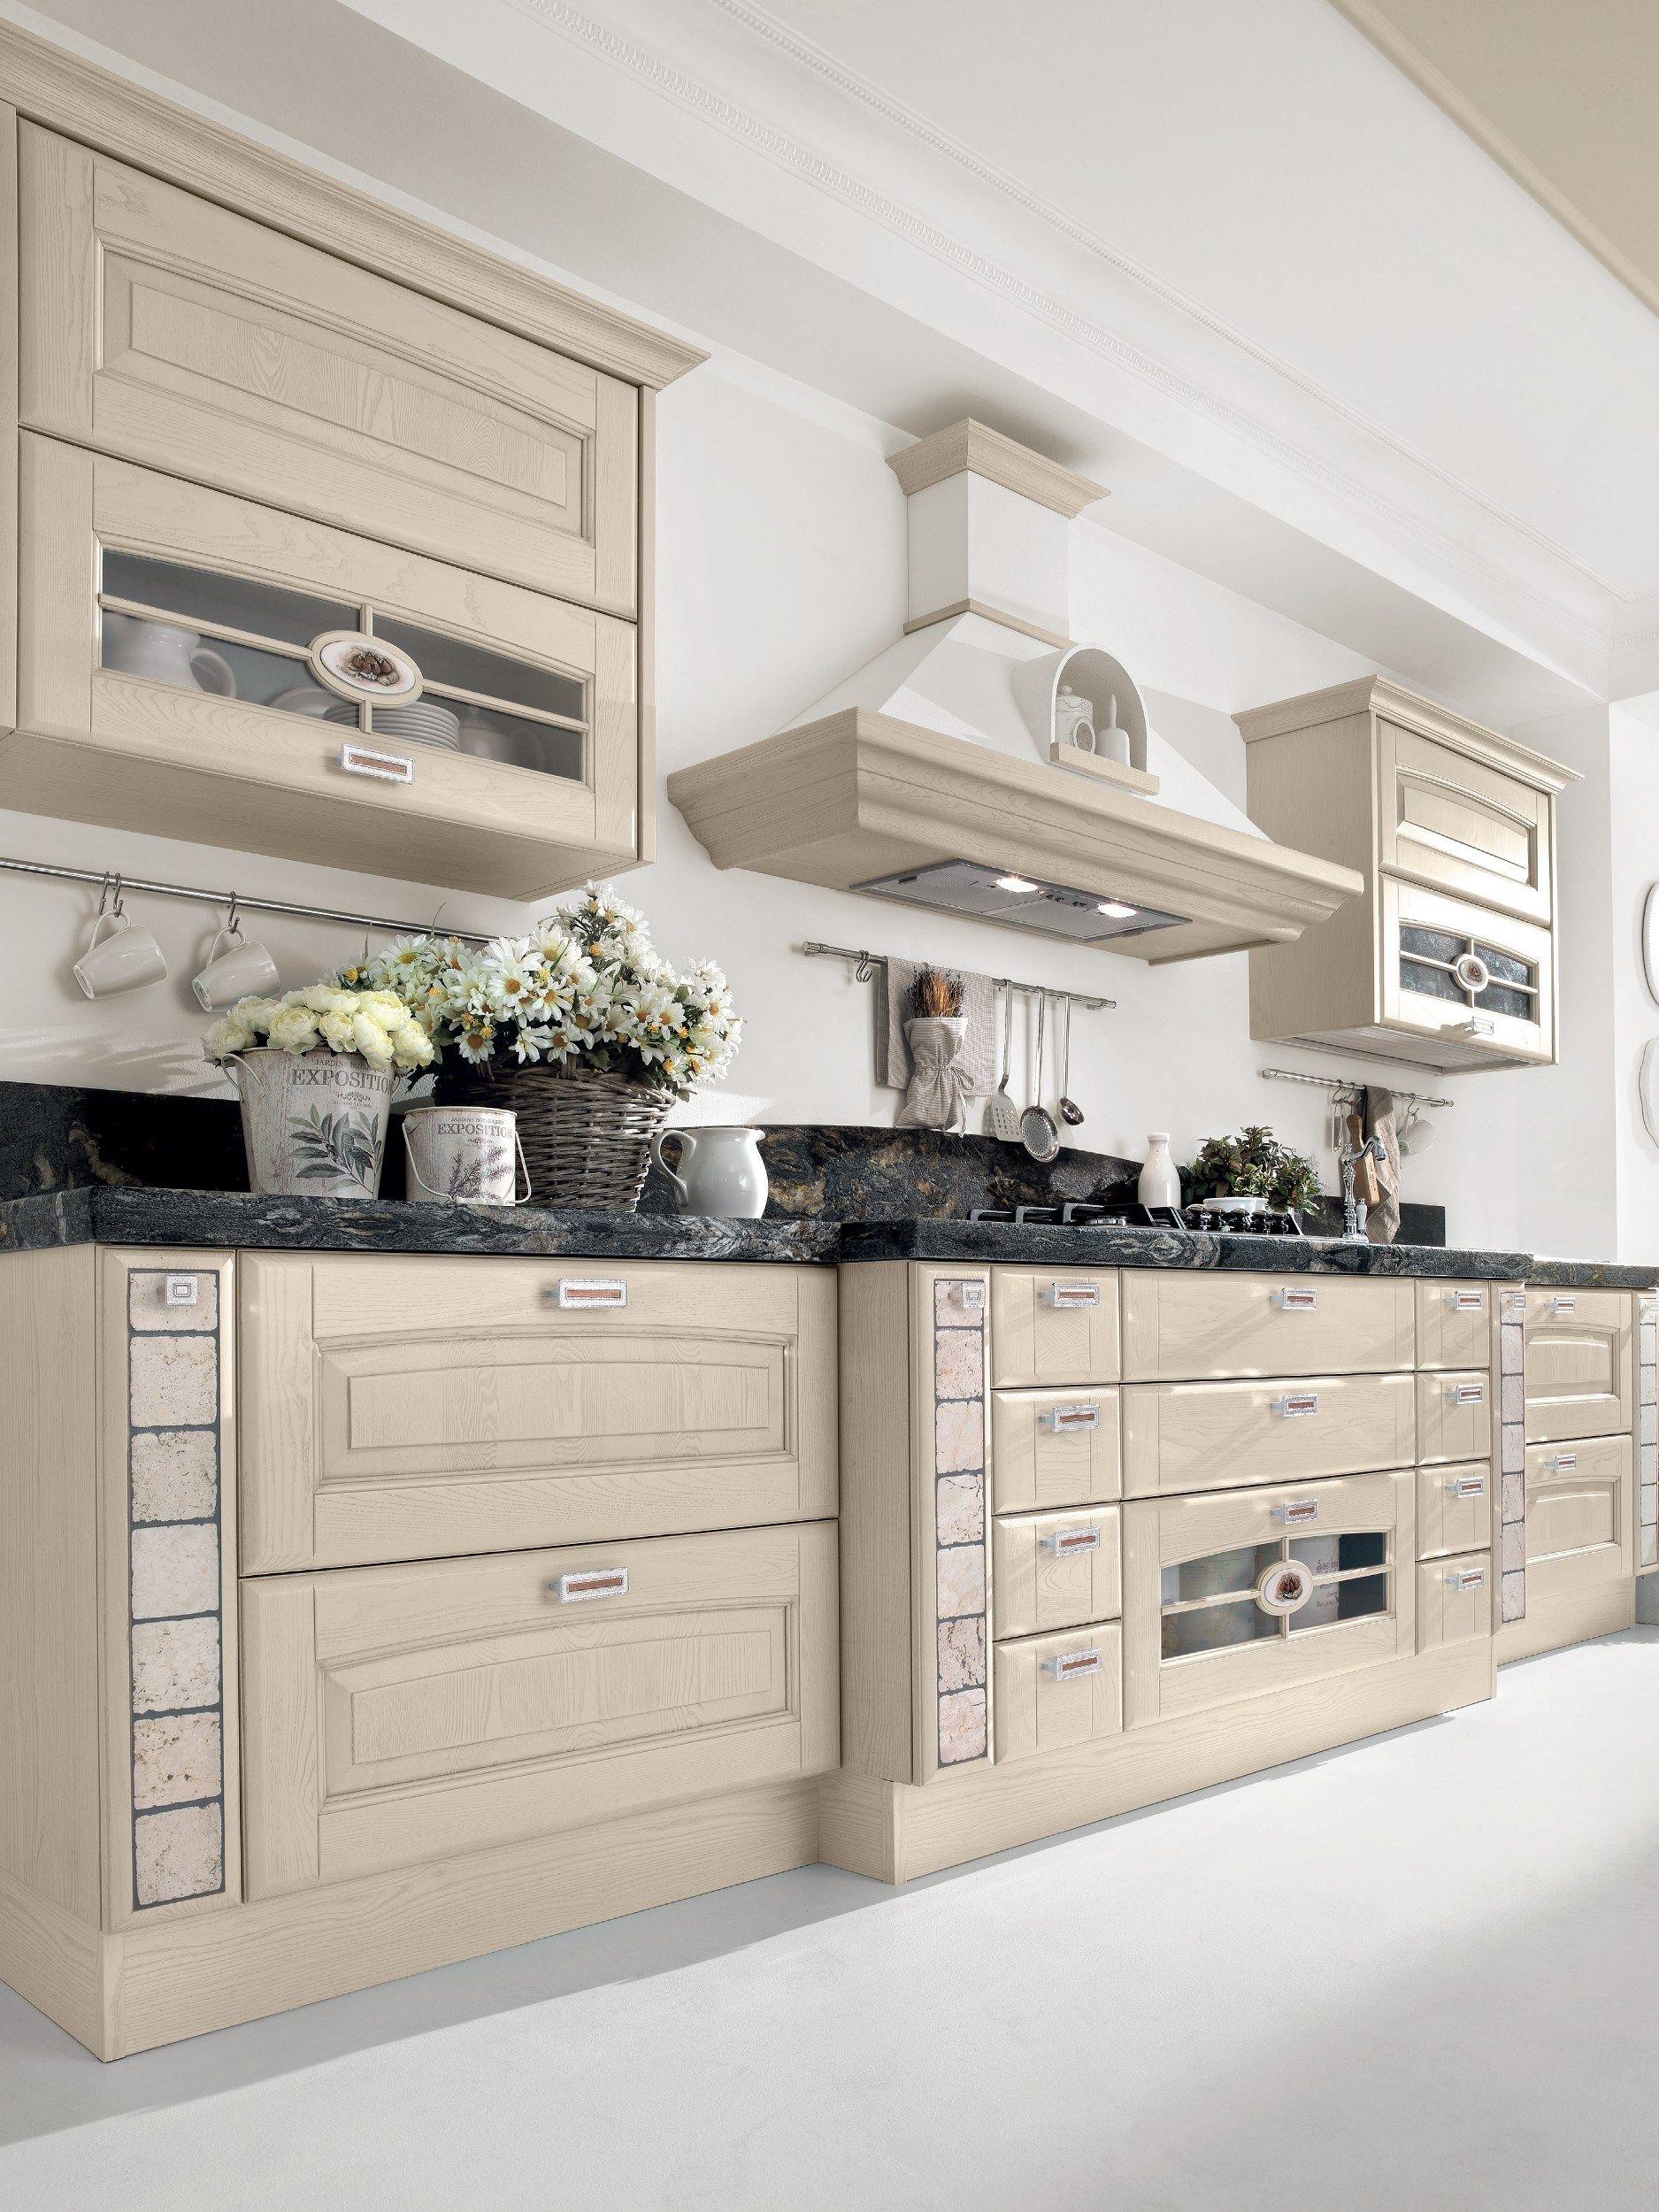 Veronica cucina in frassino by cucine lube - Maniglie cucina prezzi ...